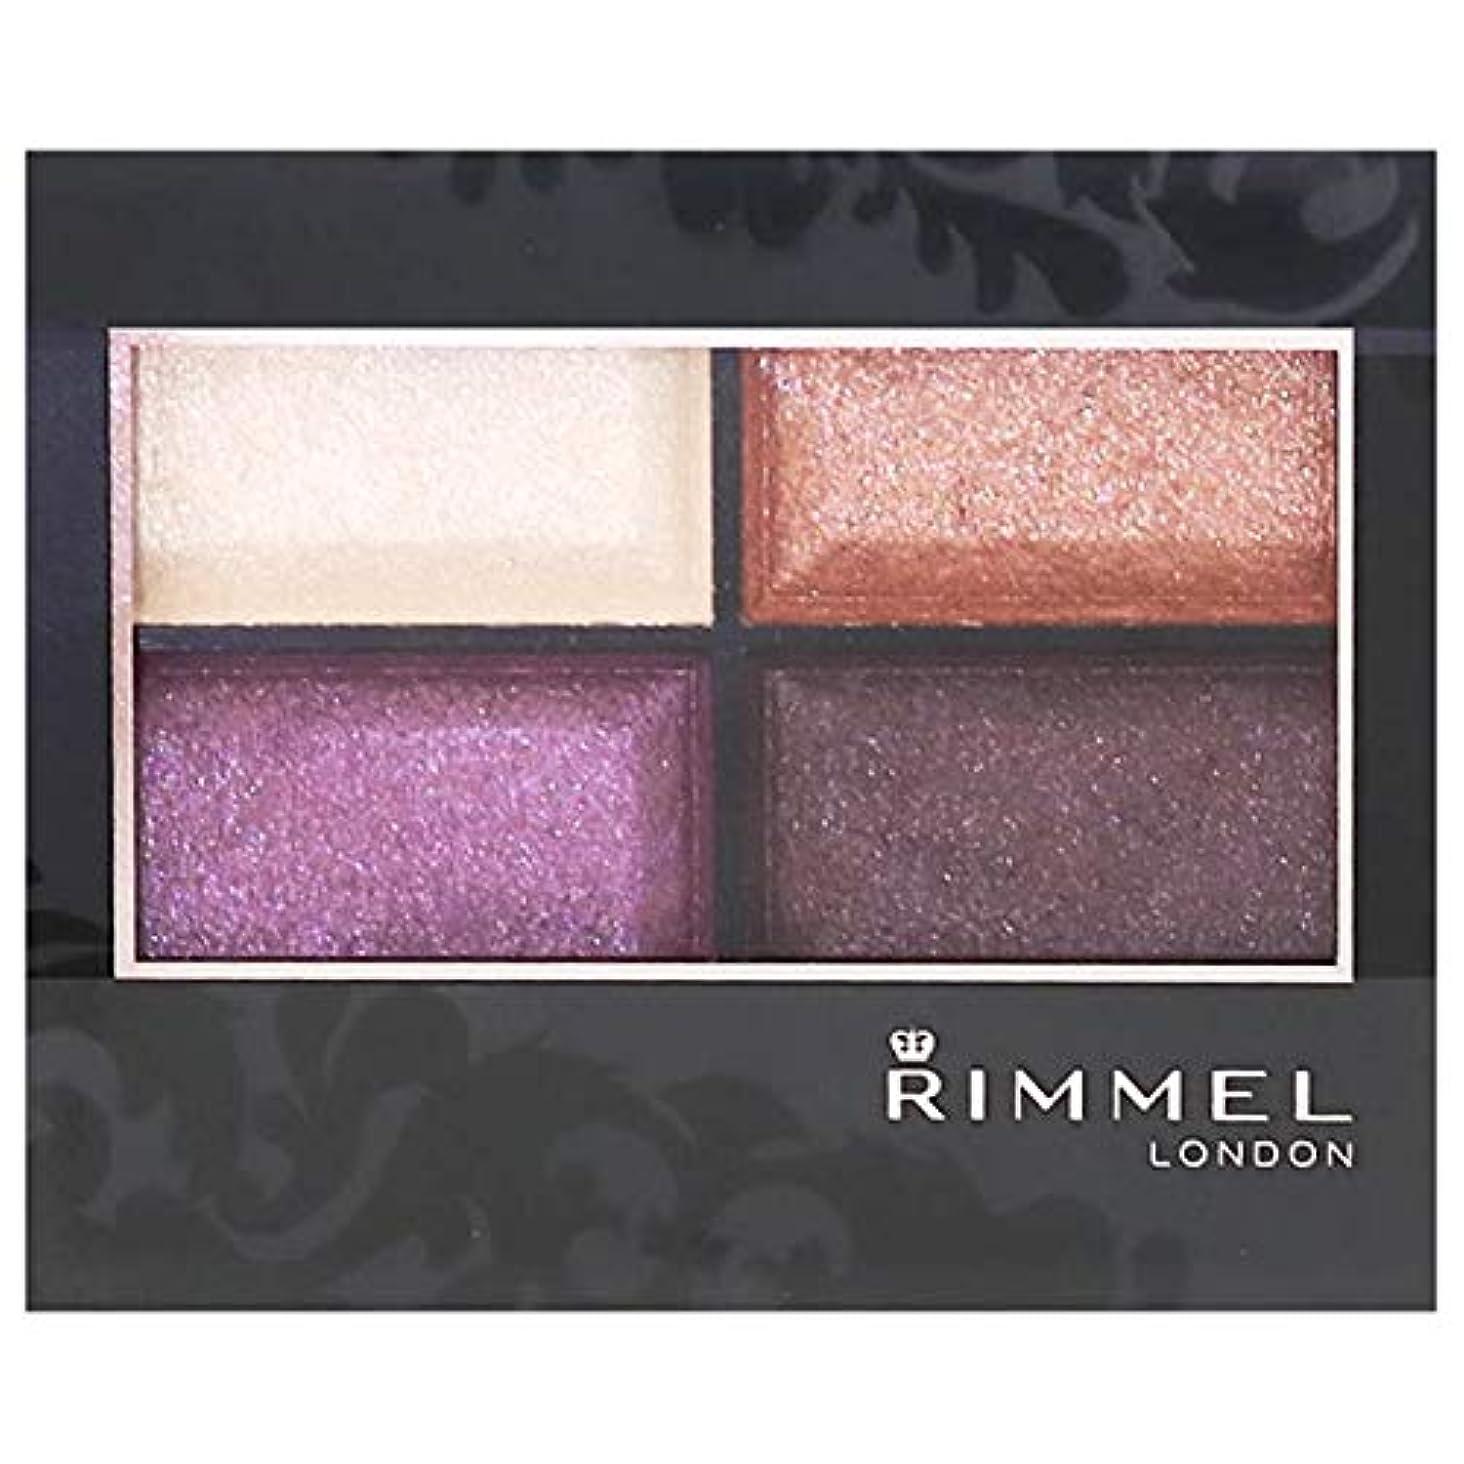 素晴らしい十分完全に乾くRimmel (リンメル) リンメル ロイヤルヴィンテージ アイズ 015 スモーキーアメジスト 4.1g アイシャドウ